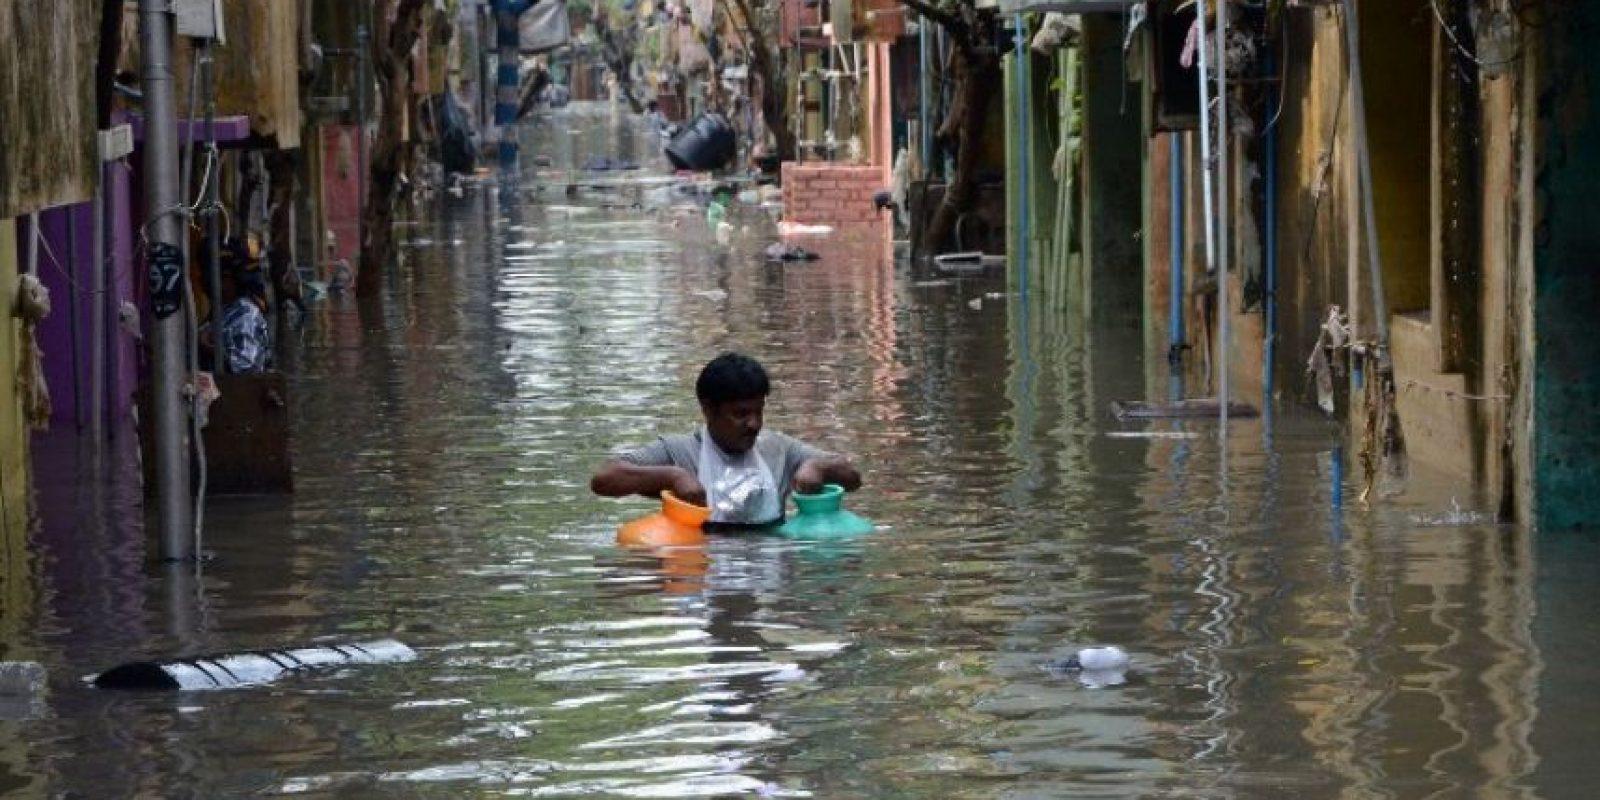 La gente como puede se traslada para escapar de la mala situación. Foto:AFP